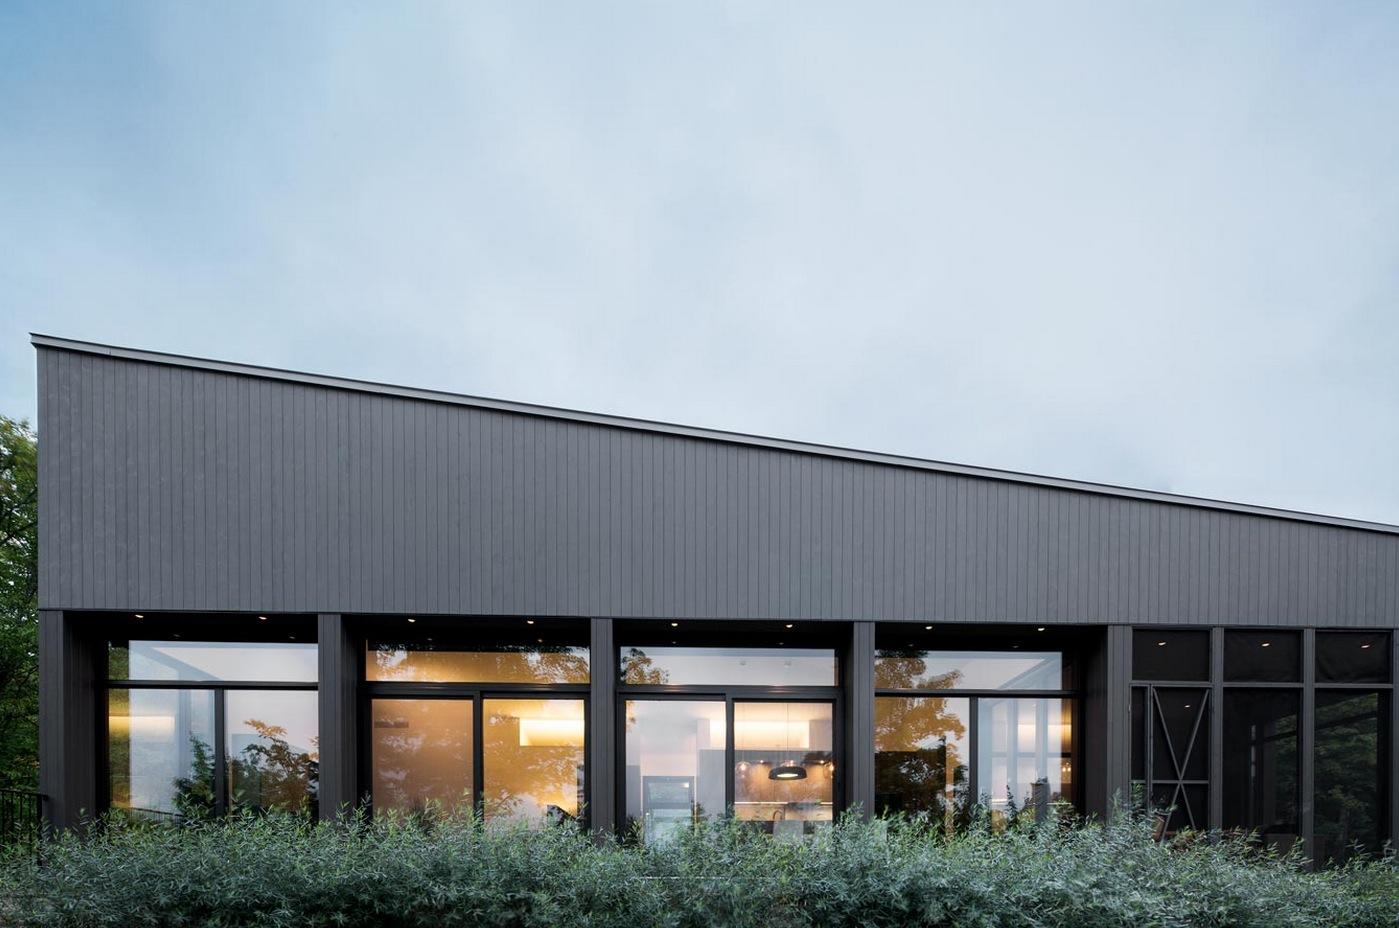 La-Sentinelle-Naturhumaine-Joli-Design-04